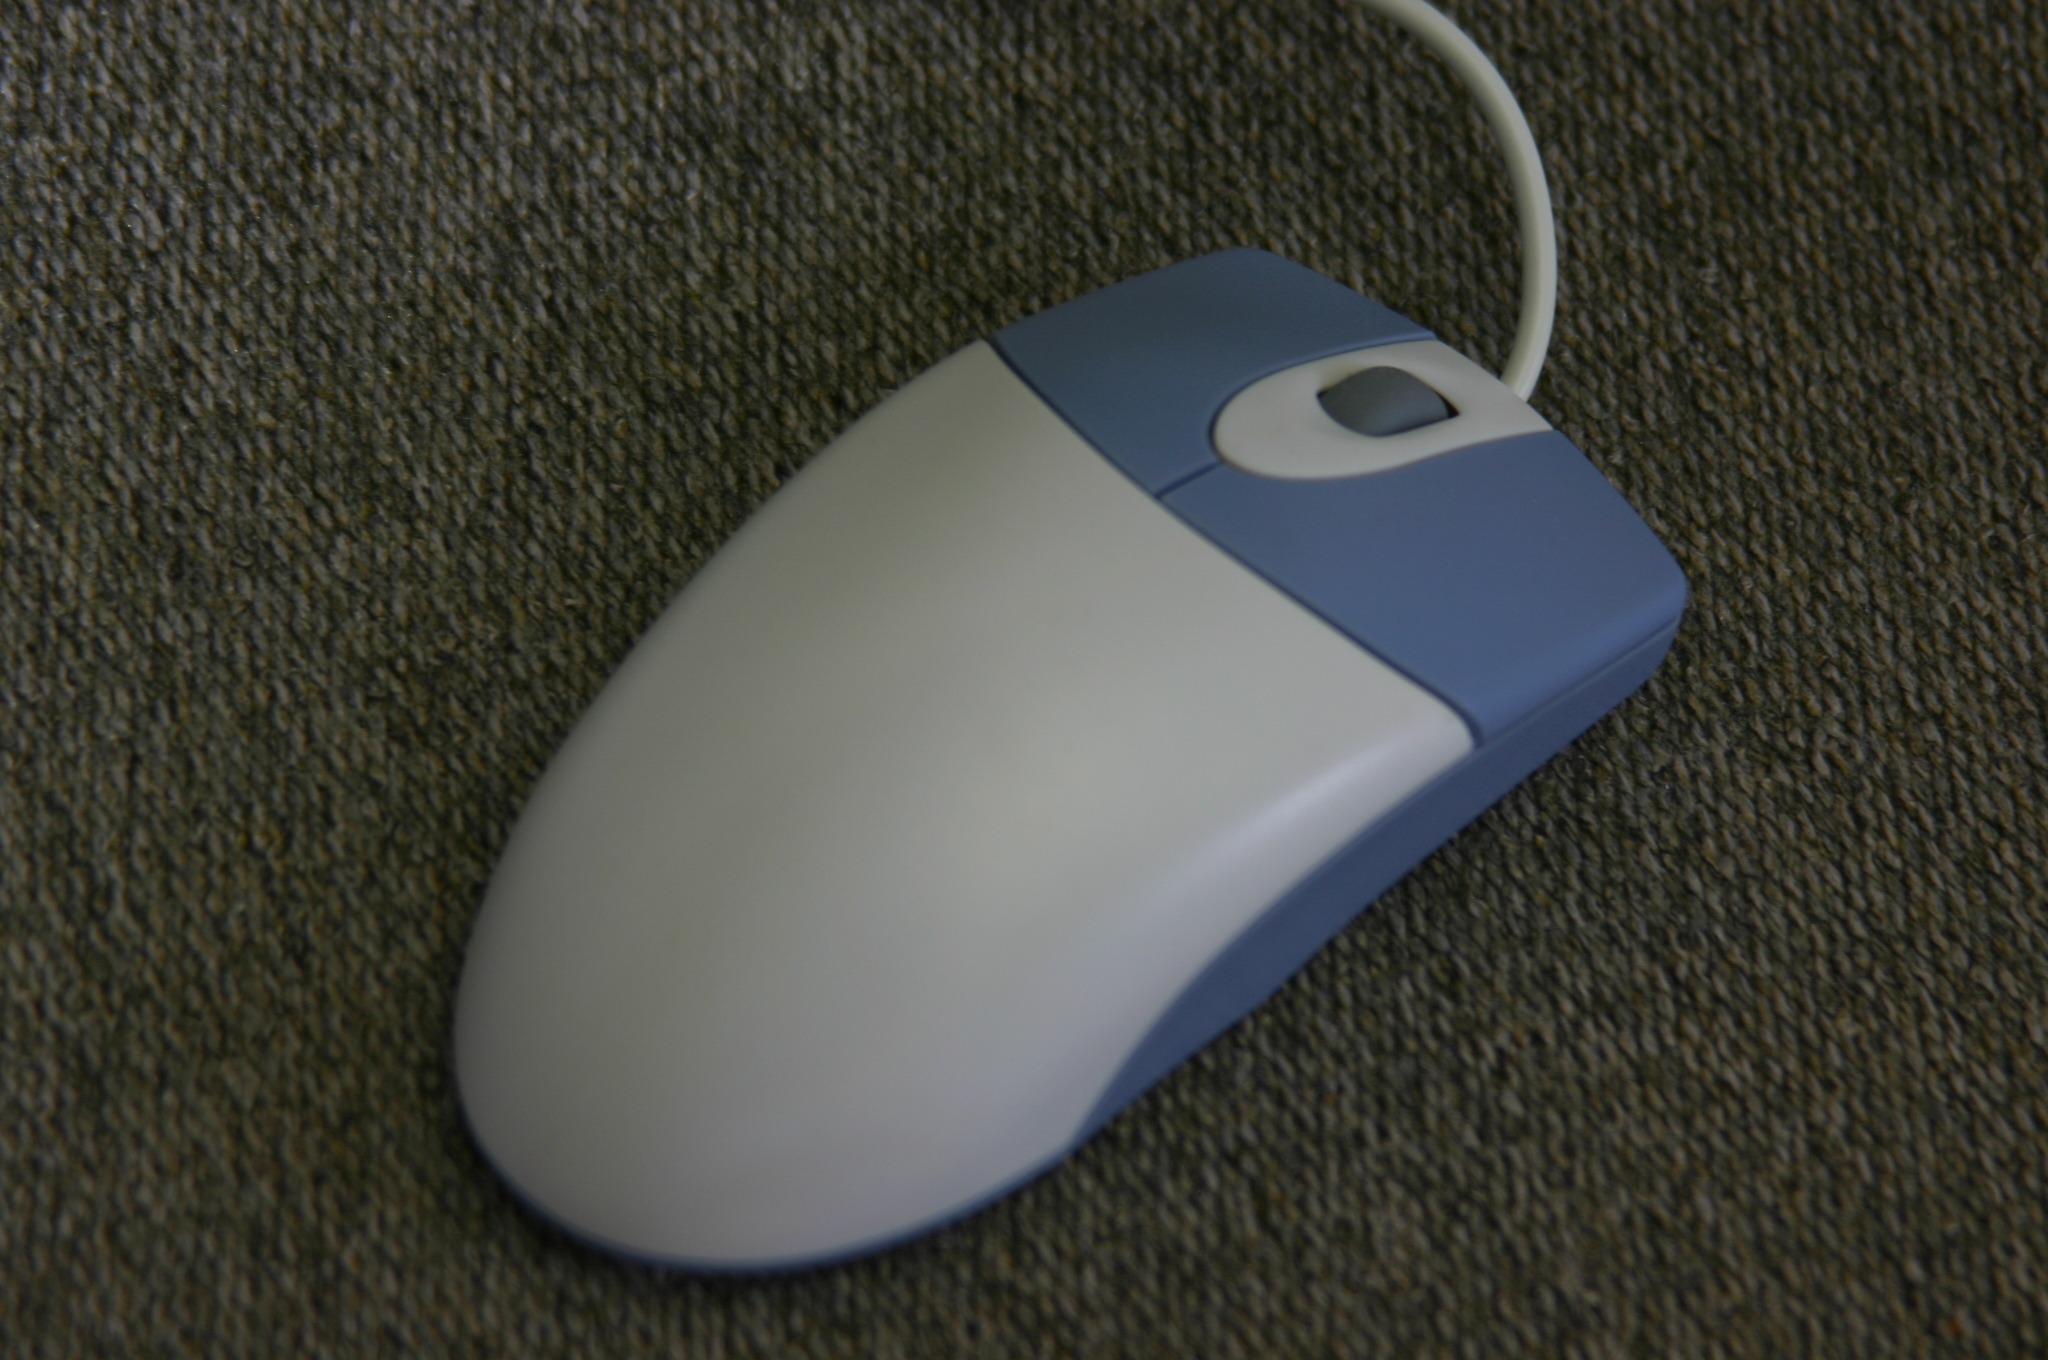 パソコンのマウス(mouse)の写真